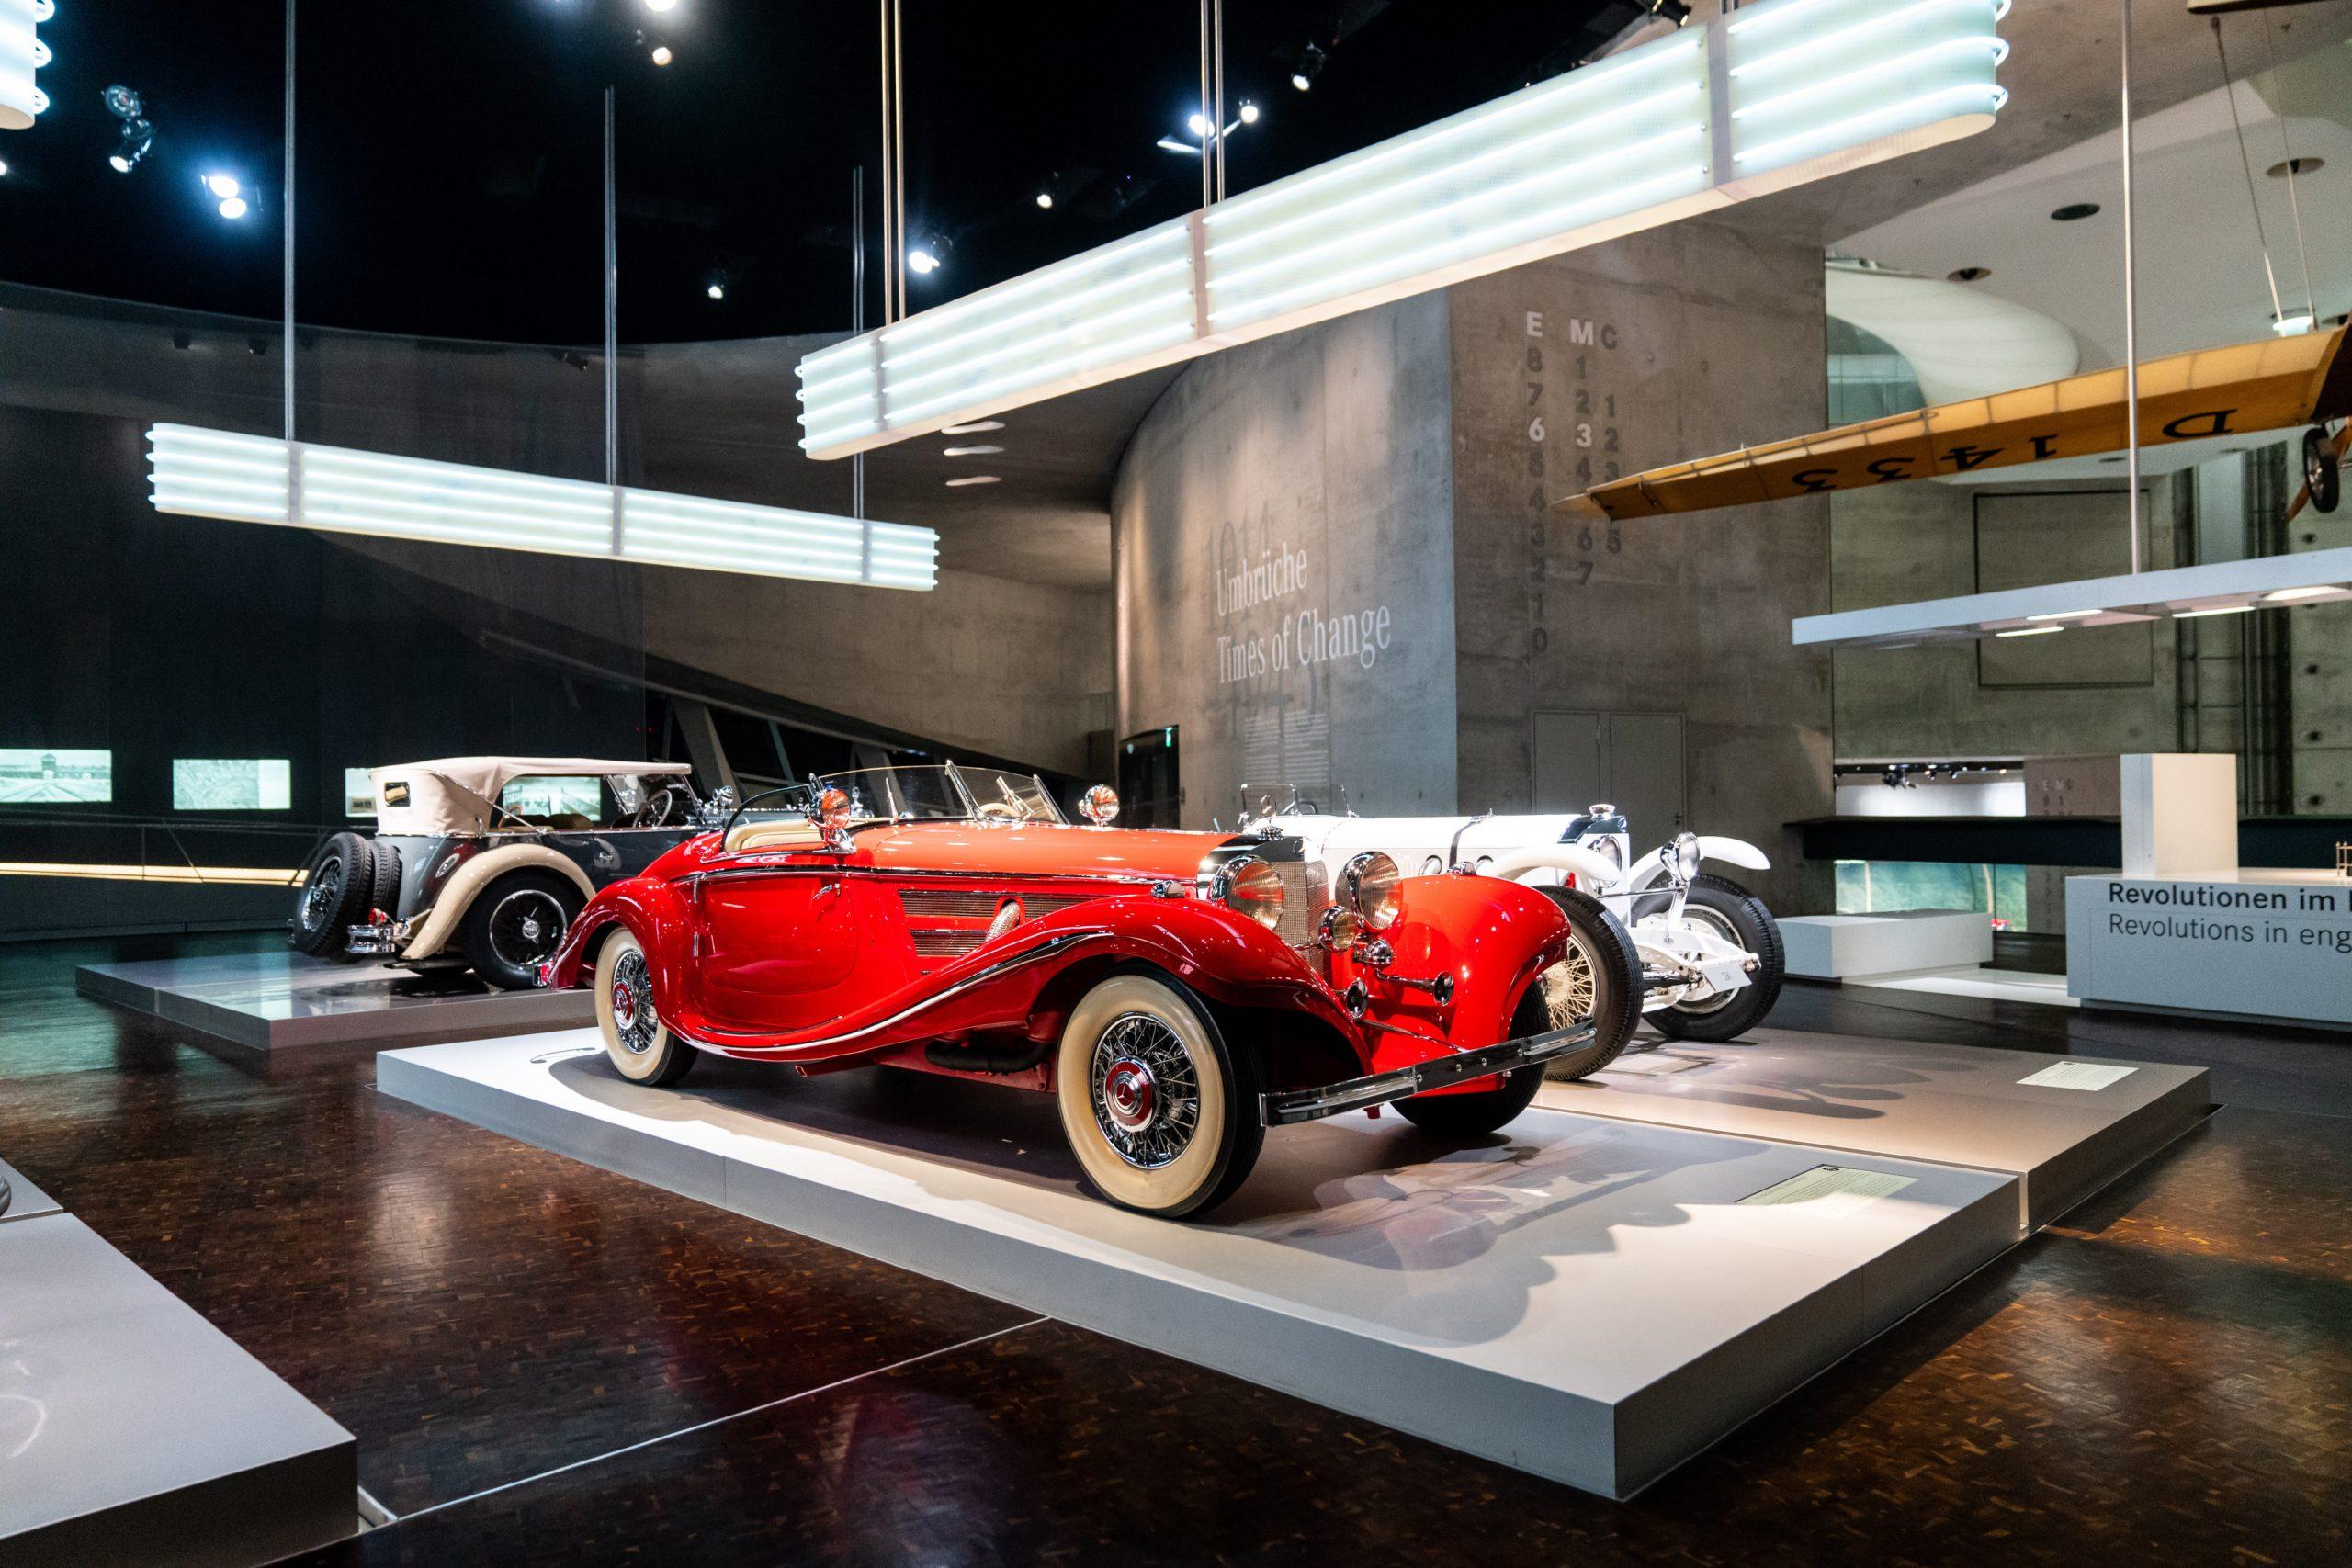 Ausdrucksstärke: Das expressive Design des Mercedes-Benz 500 K Spezial-Roadsters (1934 bis 1936) – hier im Mercedes-Benz Museum – drückt mit den gewaltigen Schwingen der vorderen Kotflügel Geschwindigkeit aus.